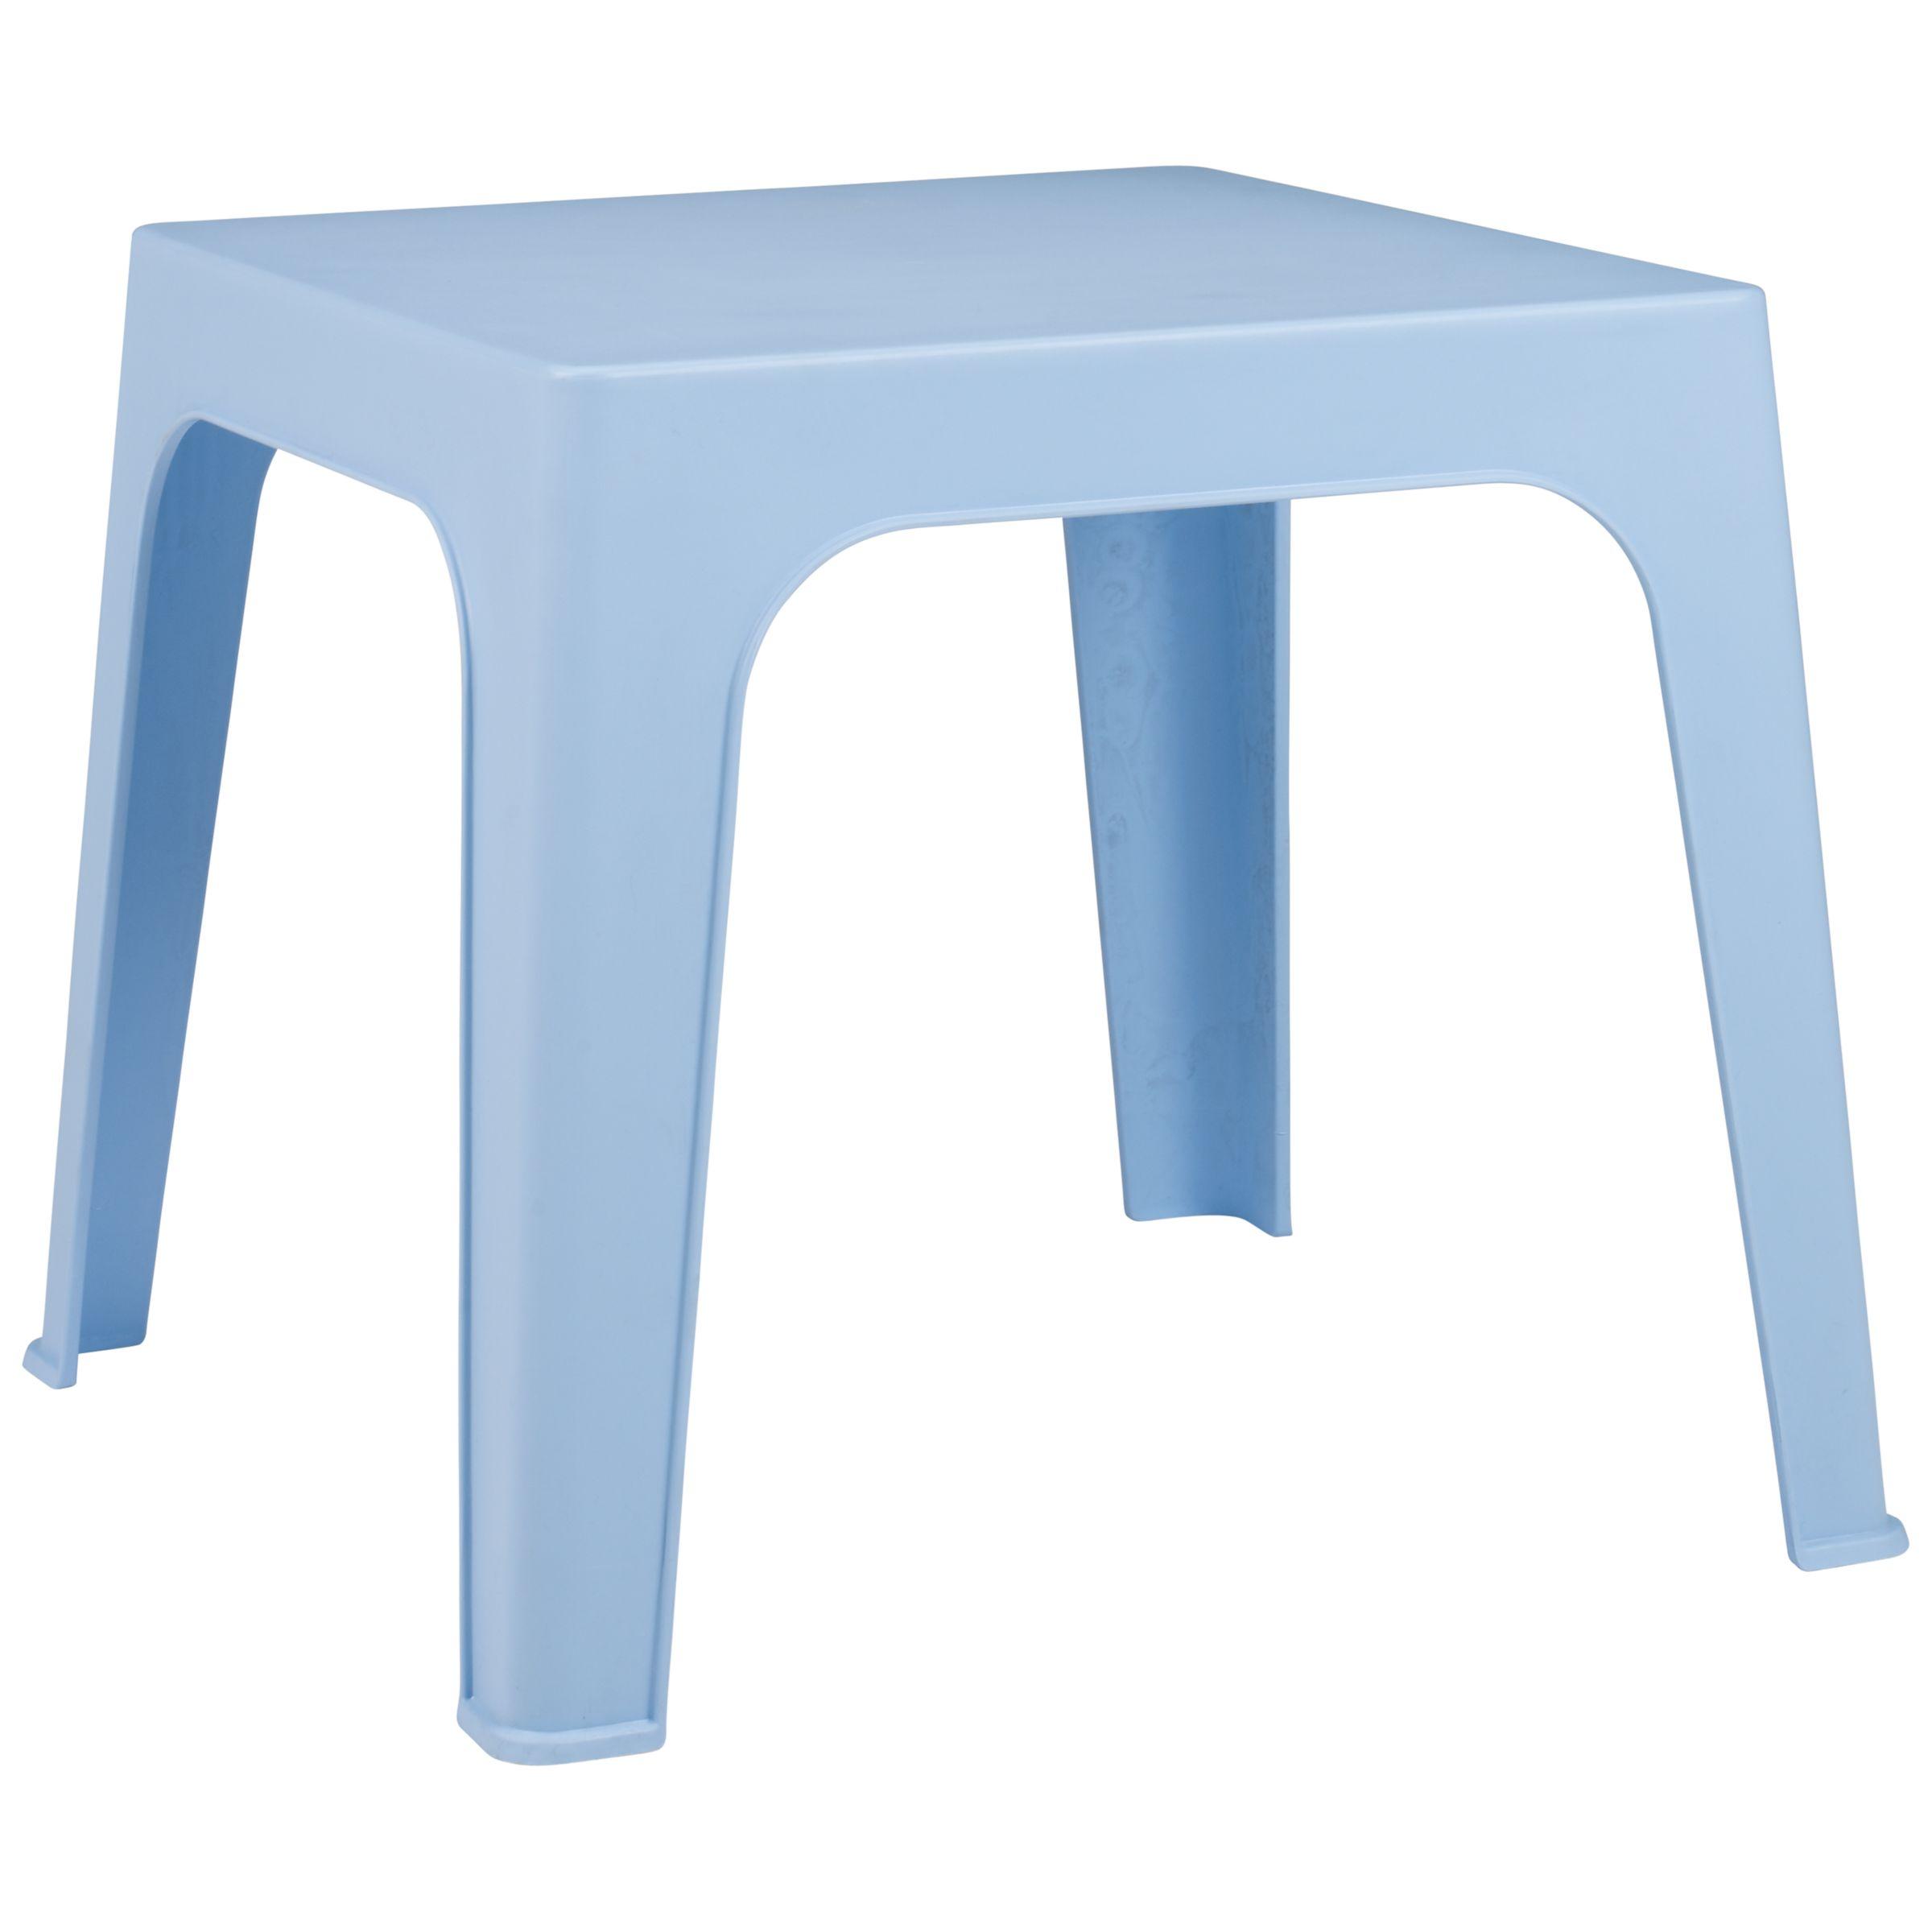 Resol Julietta Children's Table, Blue